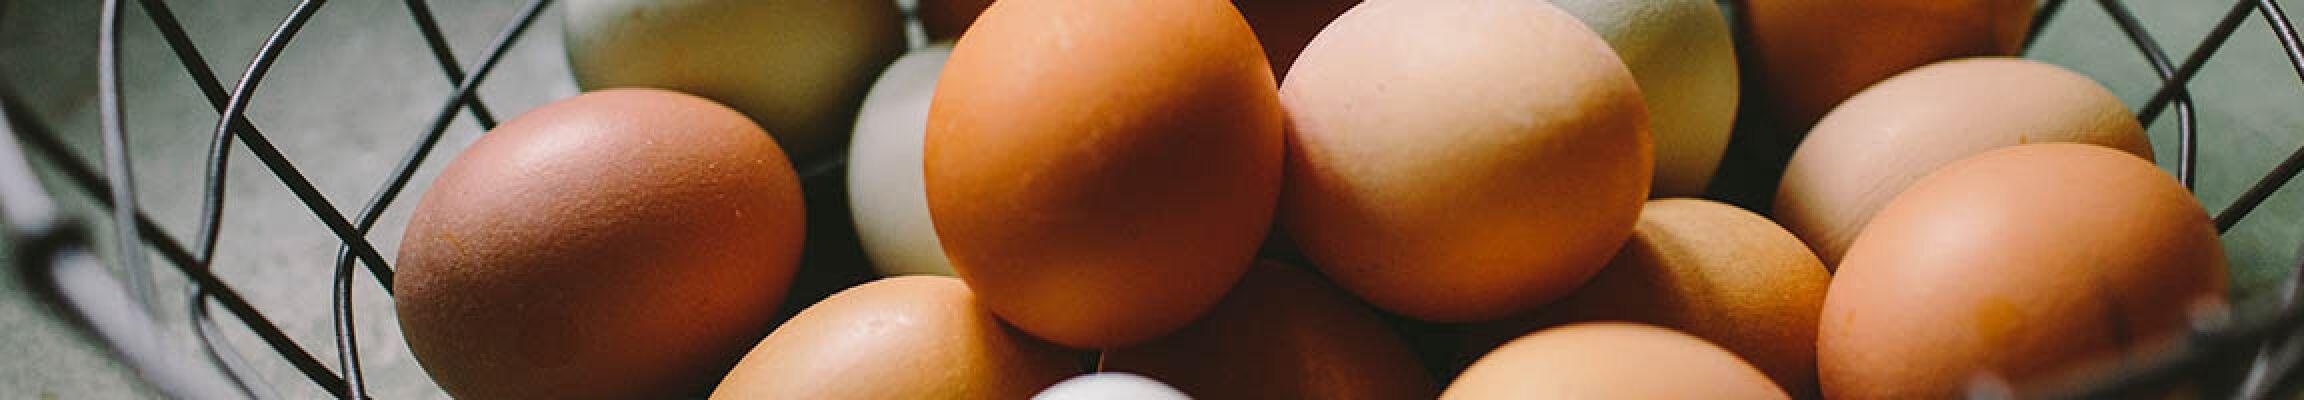 Sind Eier gesund oder ungesund?